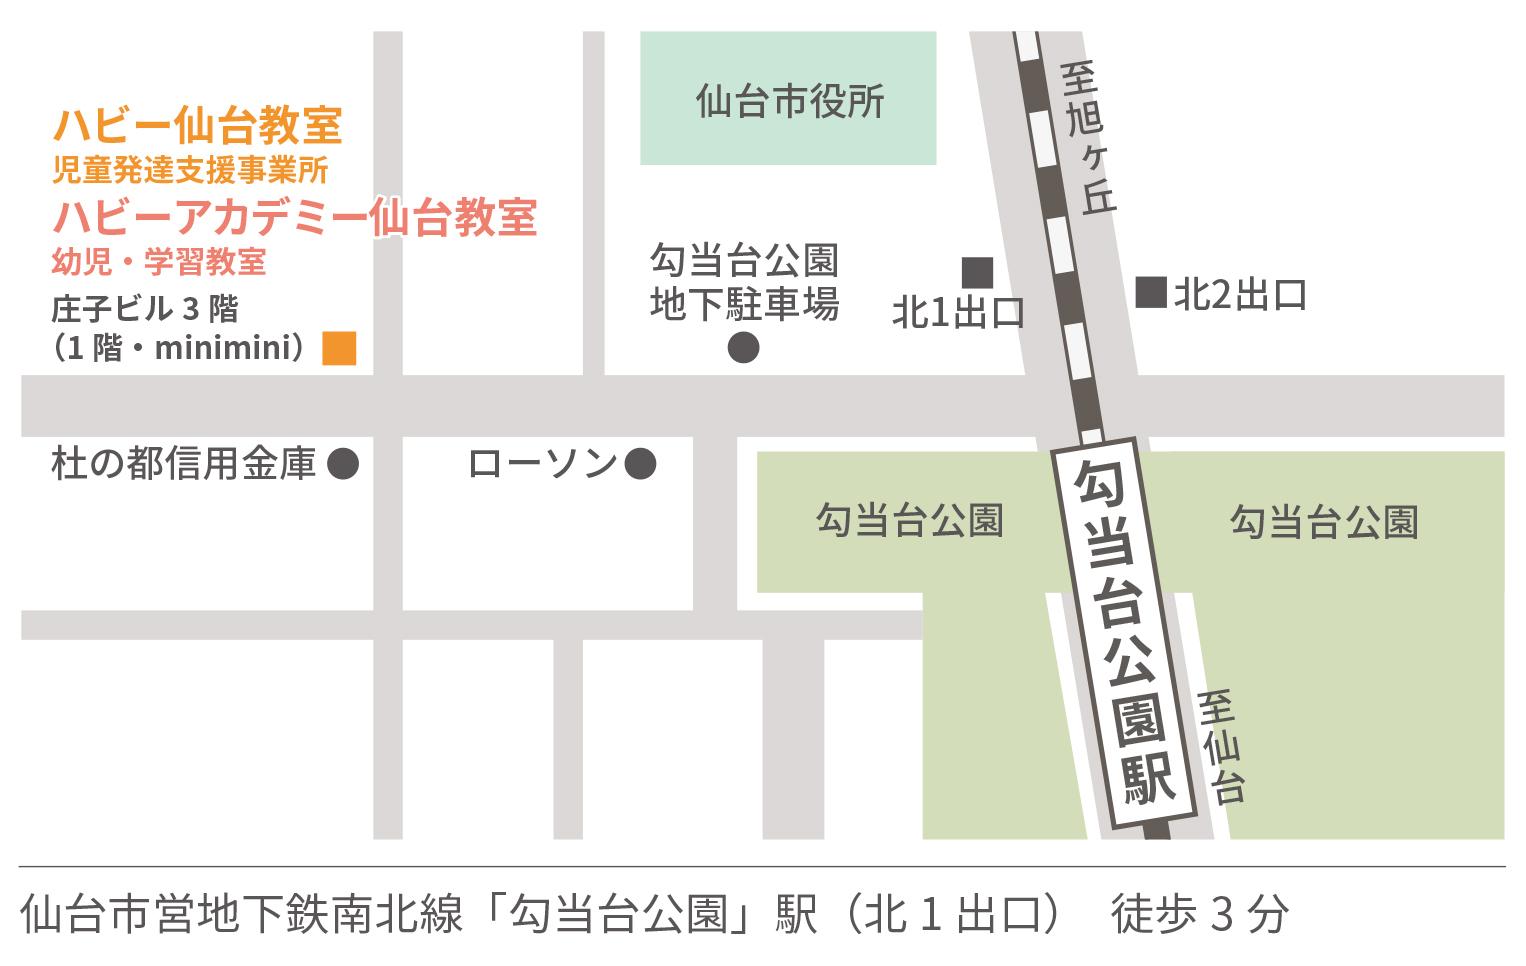 ハビーアカデミー仙台教室地図